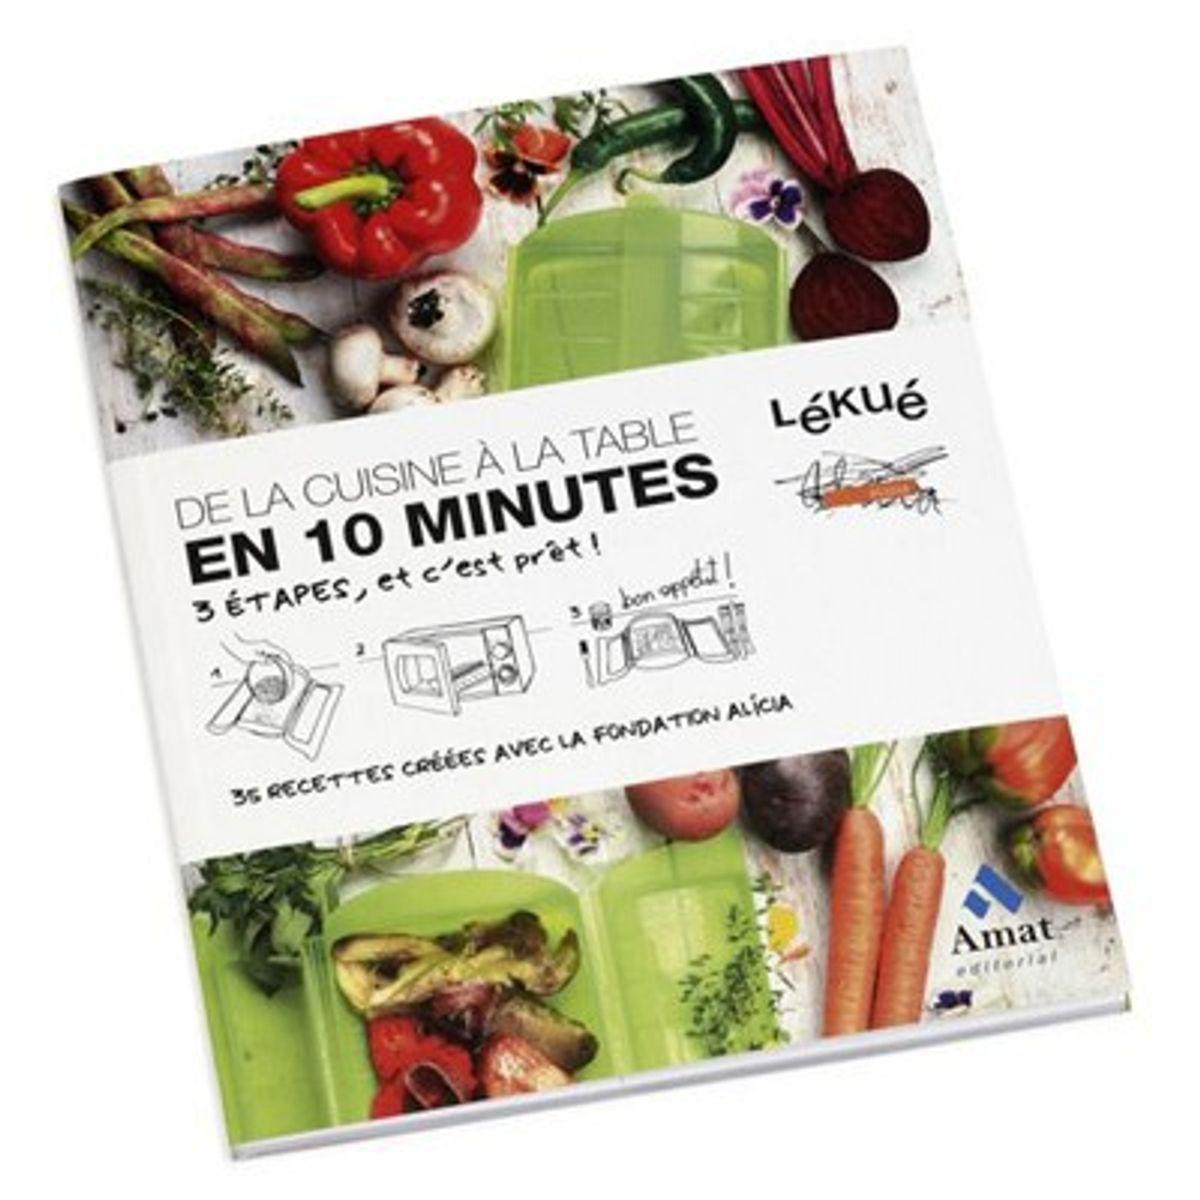 DE LA CUISINE A LA TABLE EN 10 MINUTES - LEKUE